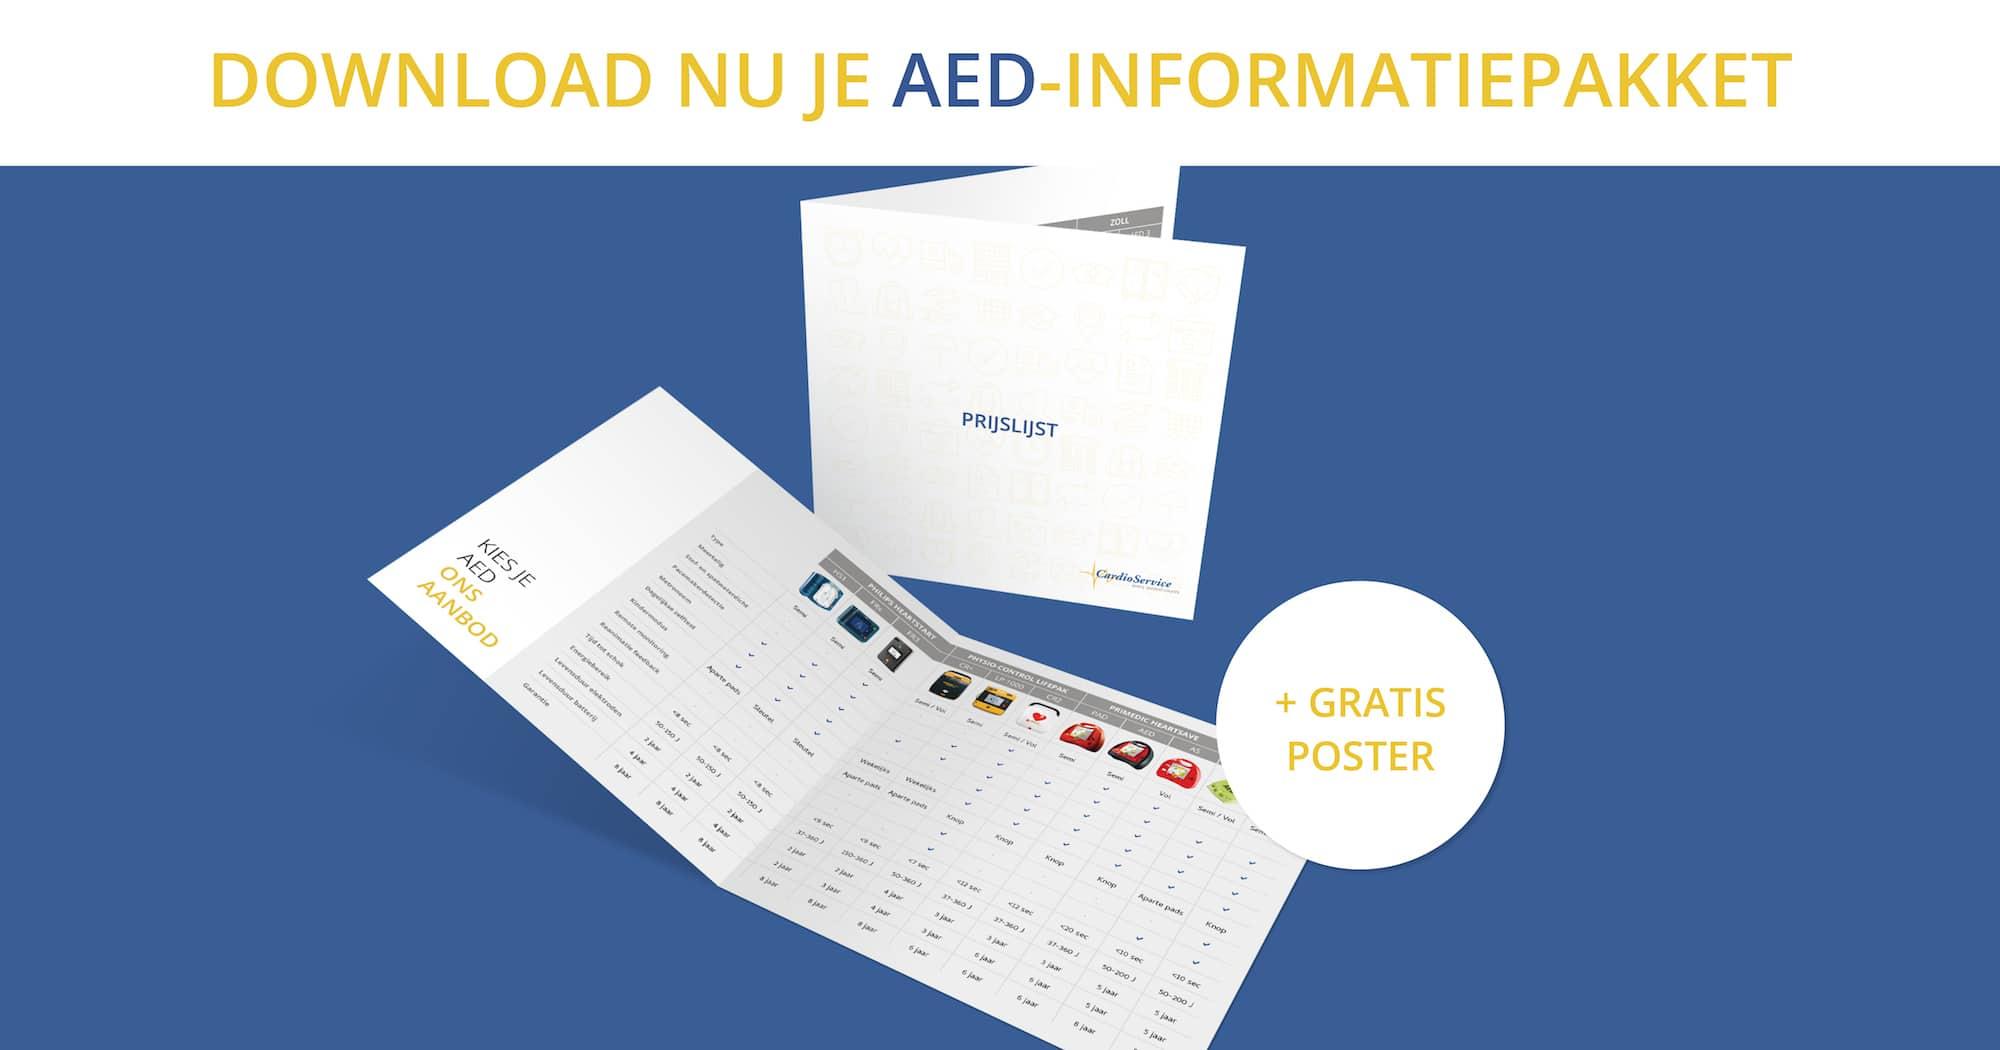 AED-informatiepakket